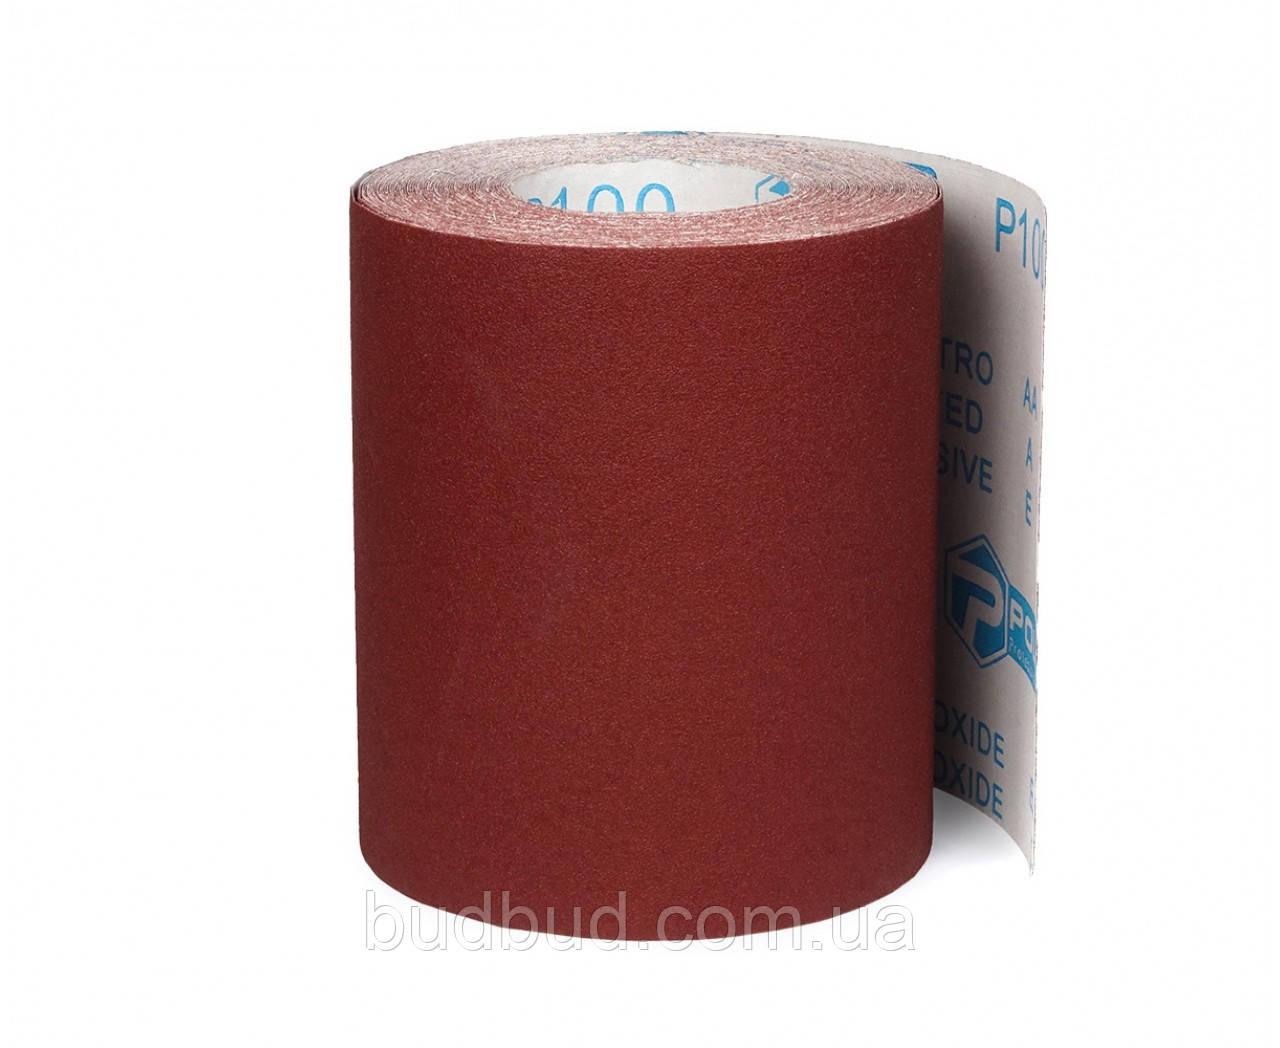 Шліфувальна шкурка на тканинній основі 200мм*25м зерно К120 (54-026) POLAX